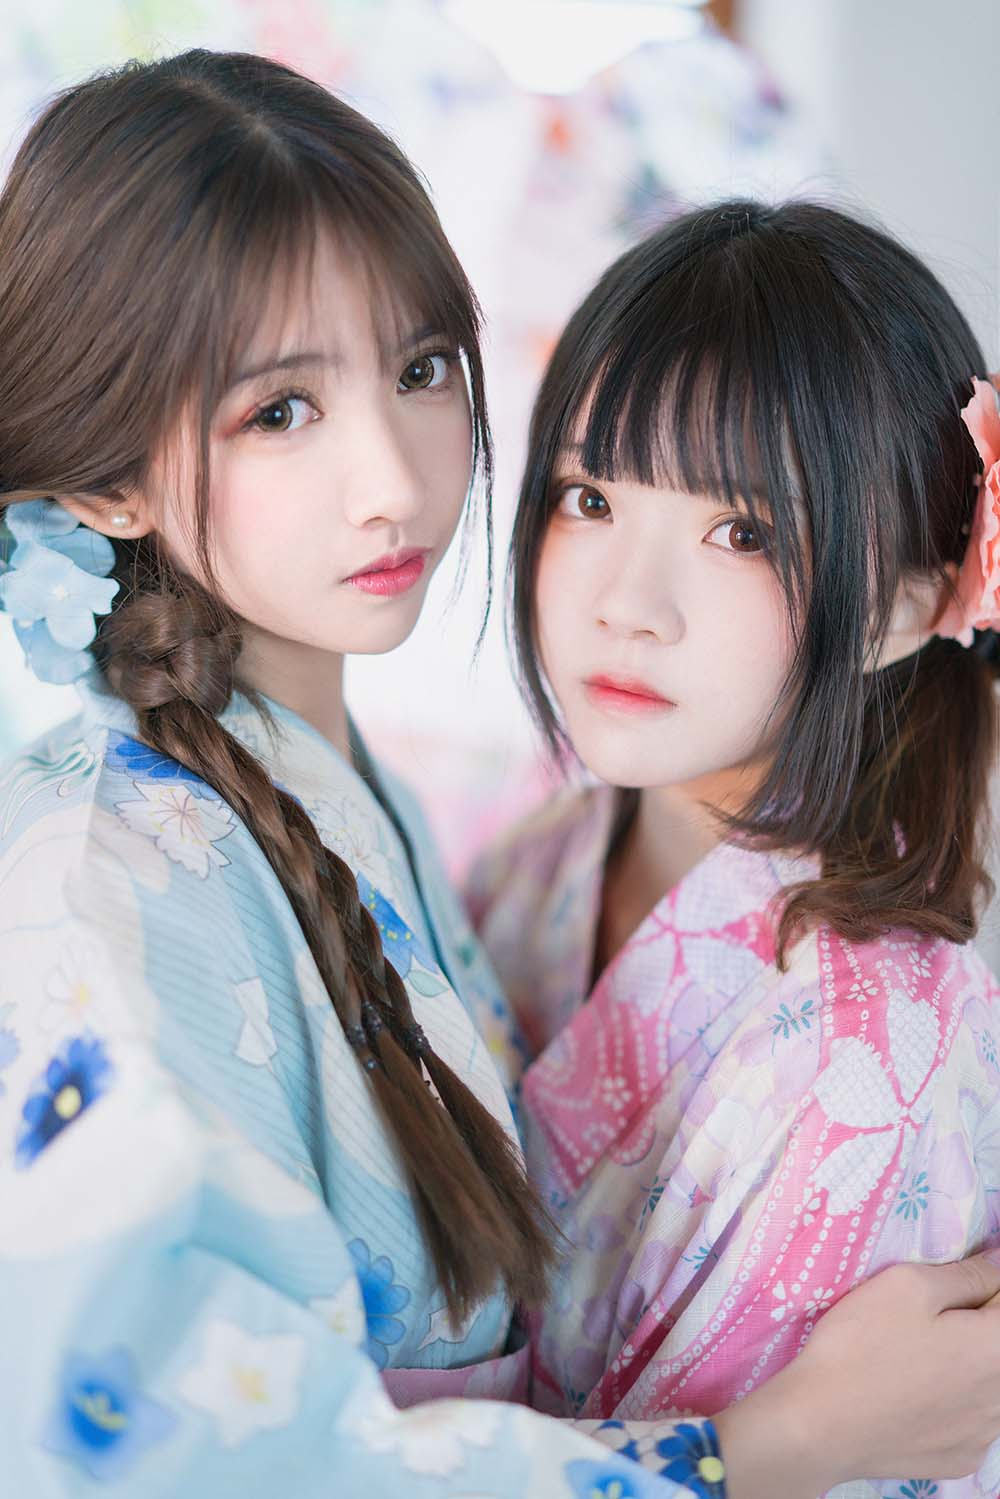 桜桃喵&鳗鱼霏子 – 双人[/253MB]